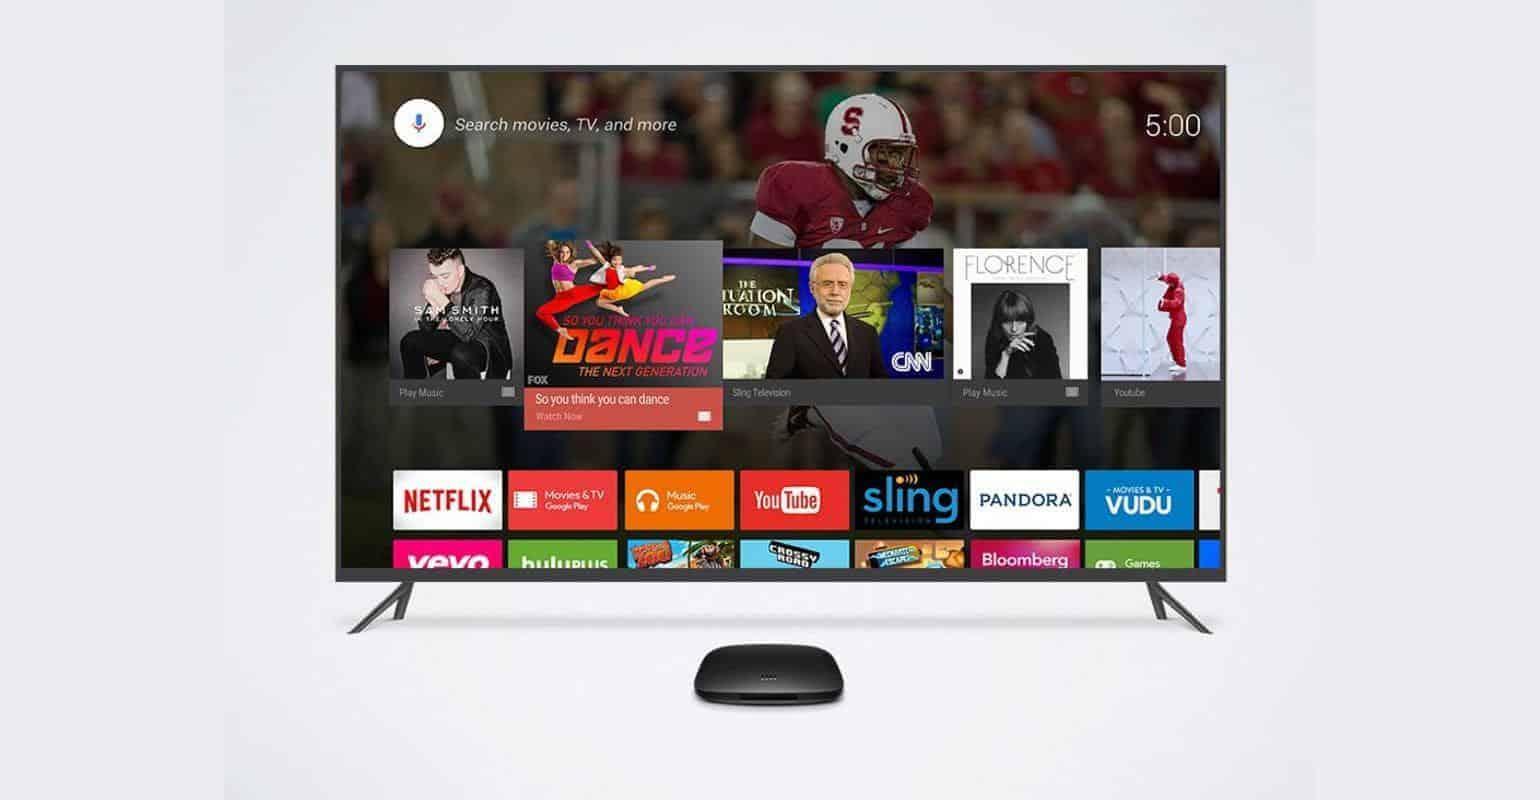 Xiaomi gaat Mi Box lanceren in Amerika en mogelijk Europa in samenwerking met Google